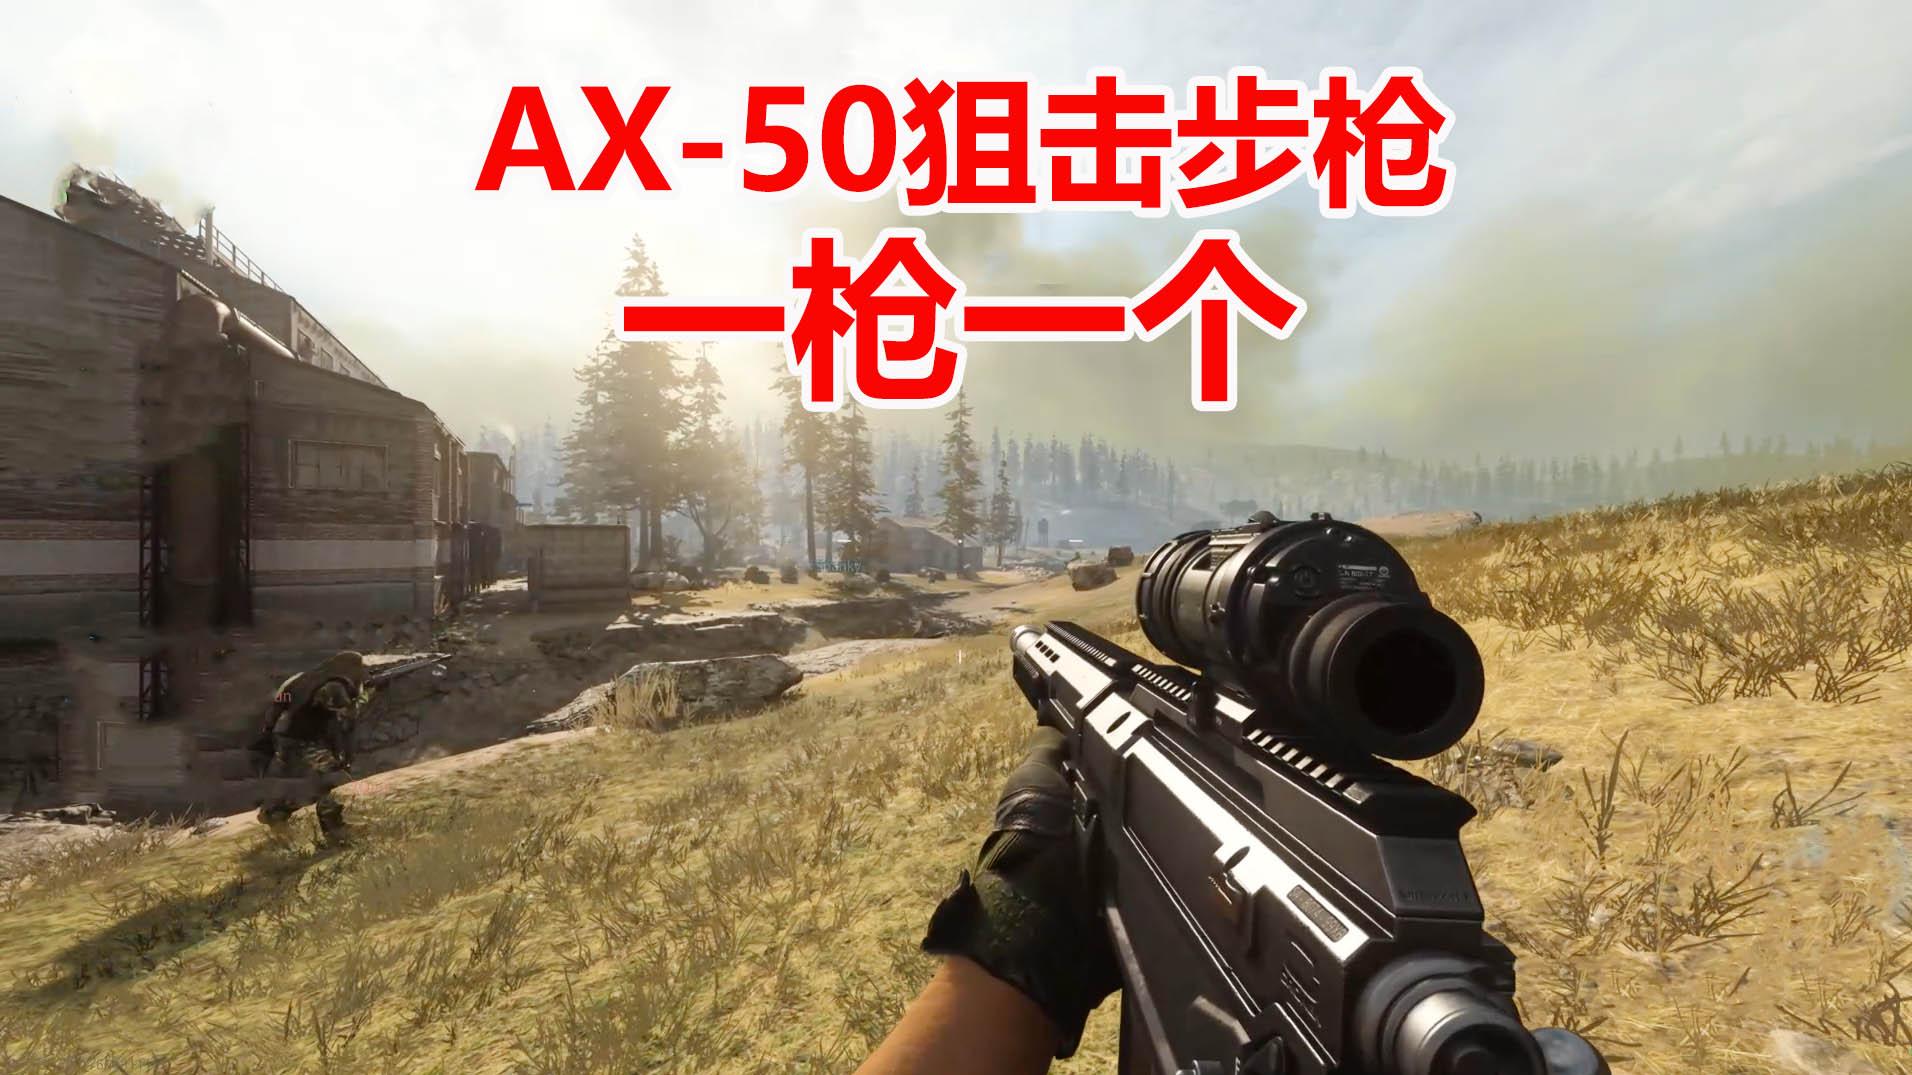 使命召唤16:带上8陪热成像狙击镜后的AX-50狙击步枪,一枪一个